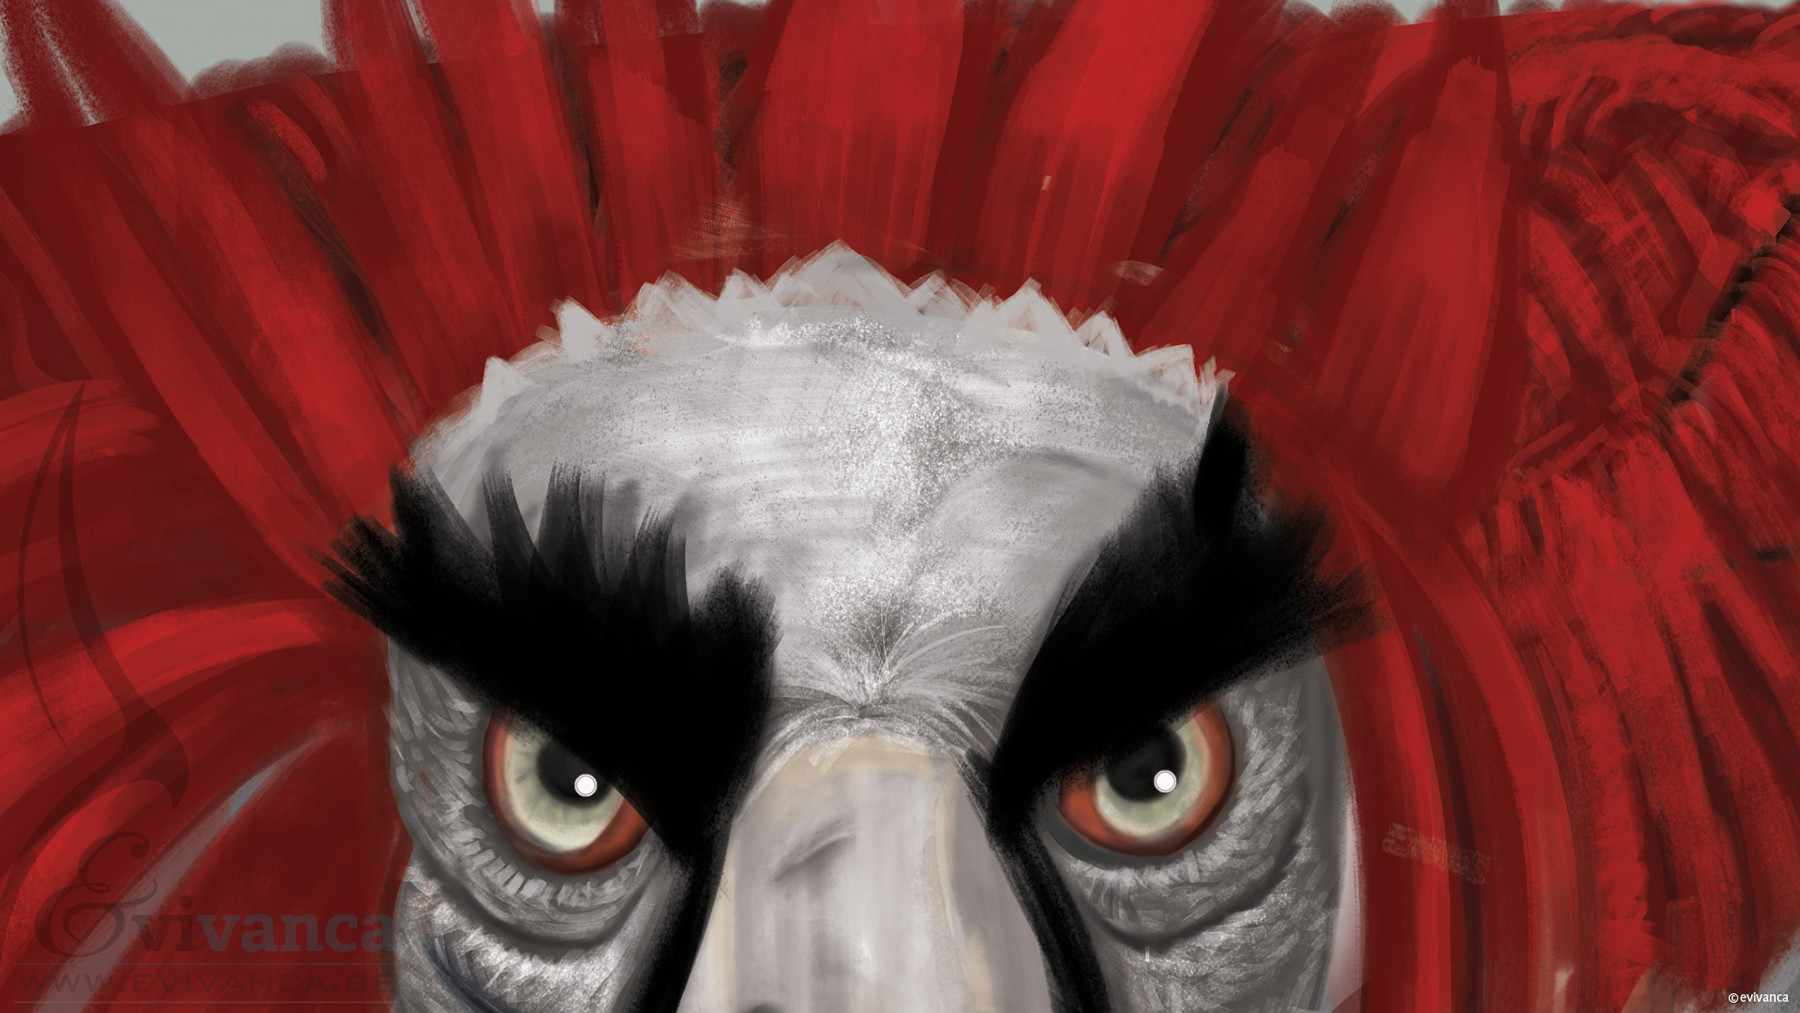 Evivanca evivanca badass paintingcloseup1